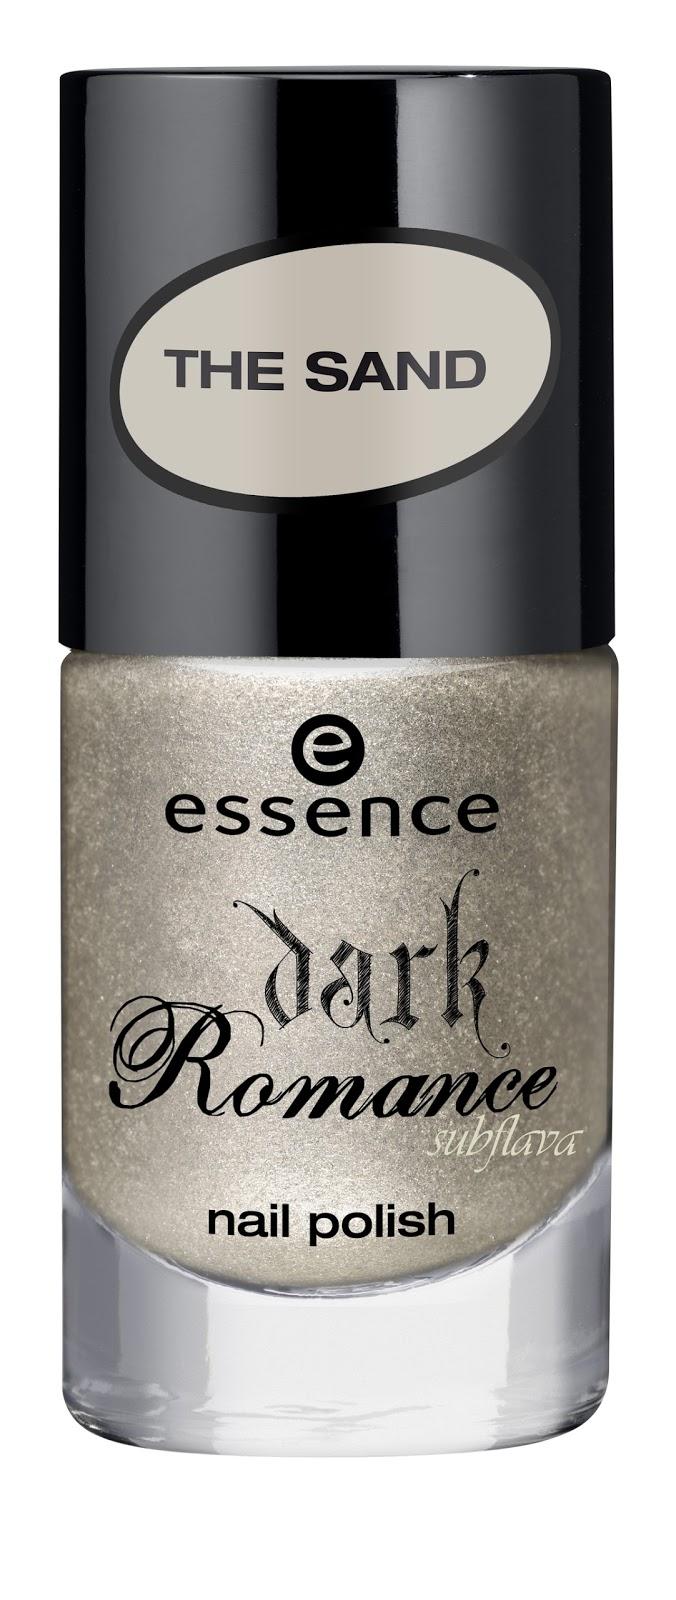 DarkRomance-essence